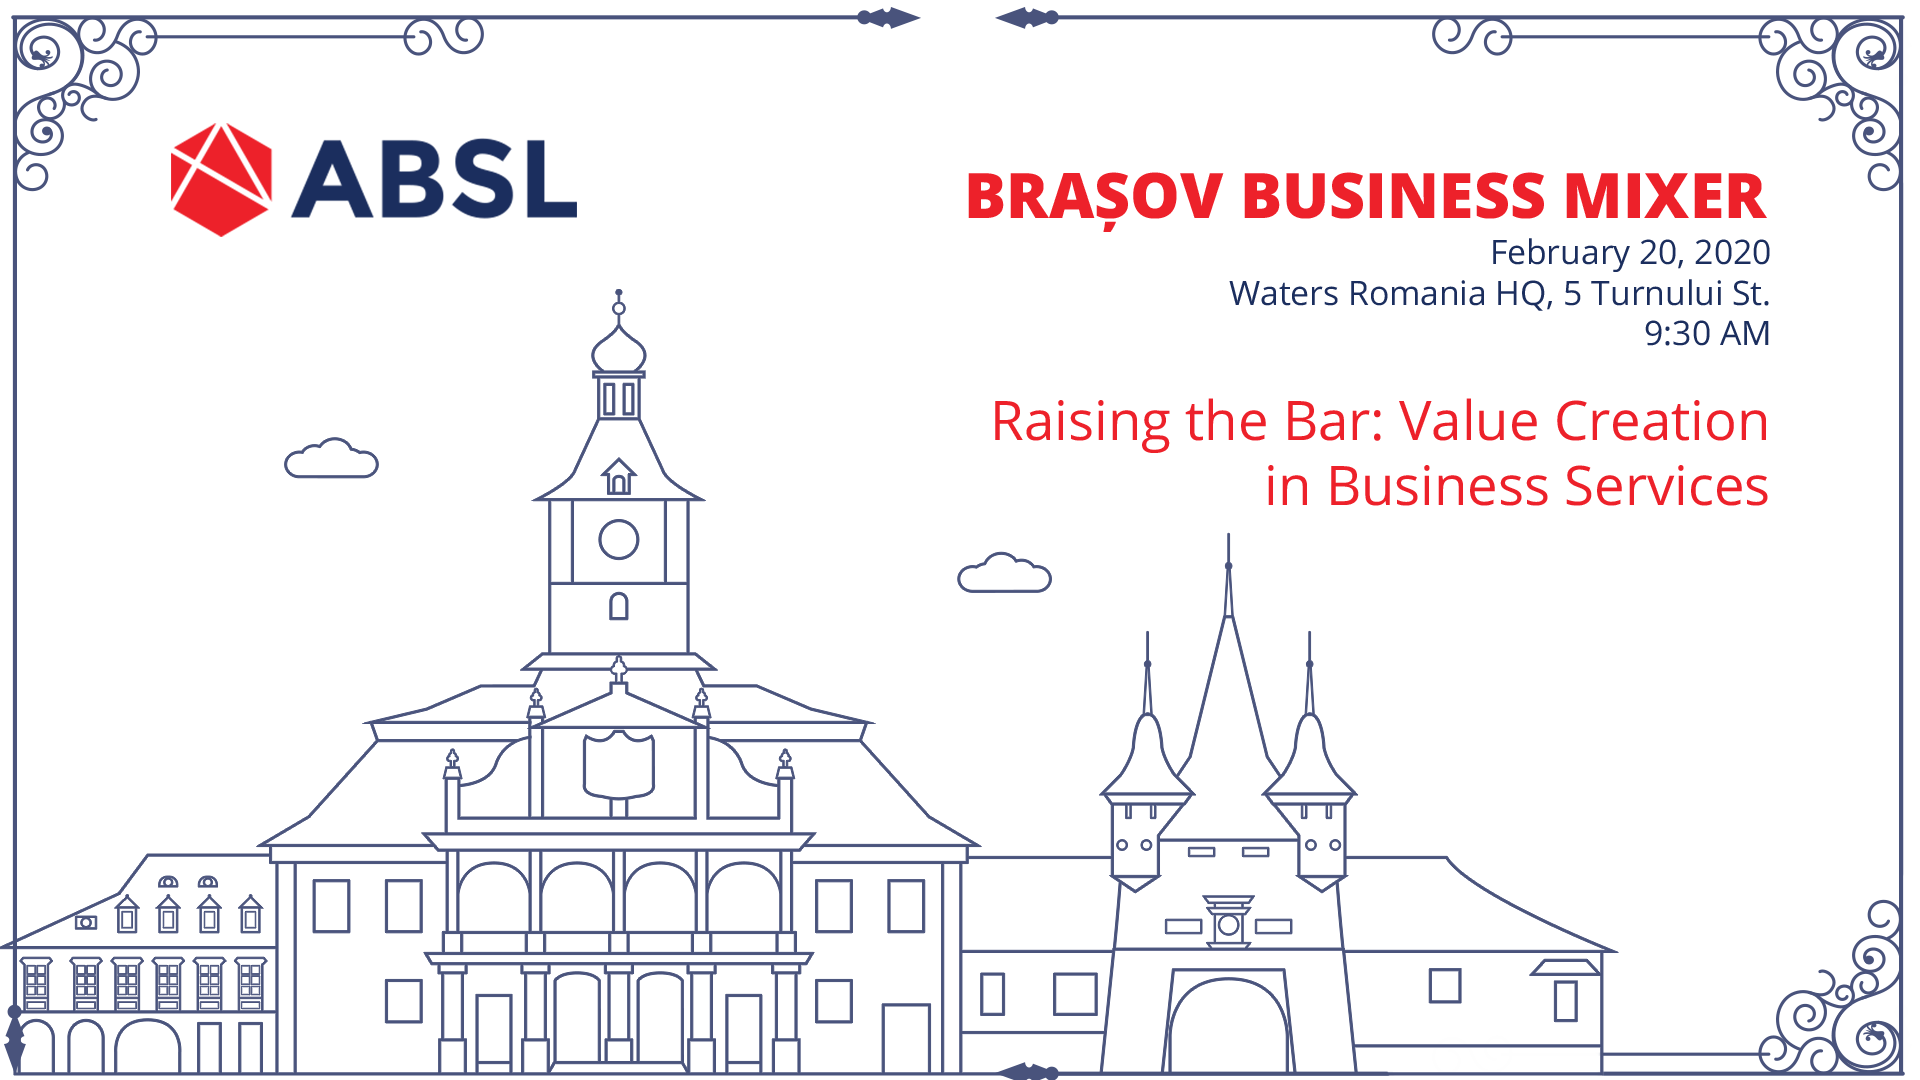 ABSL_Brasov_BusinessMixer_1920x1080